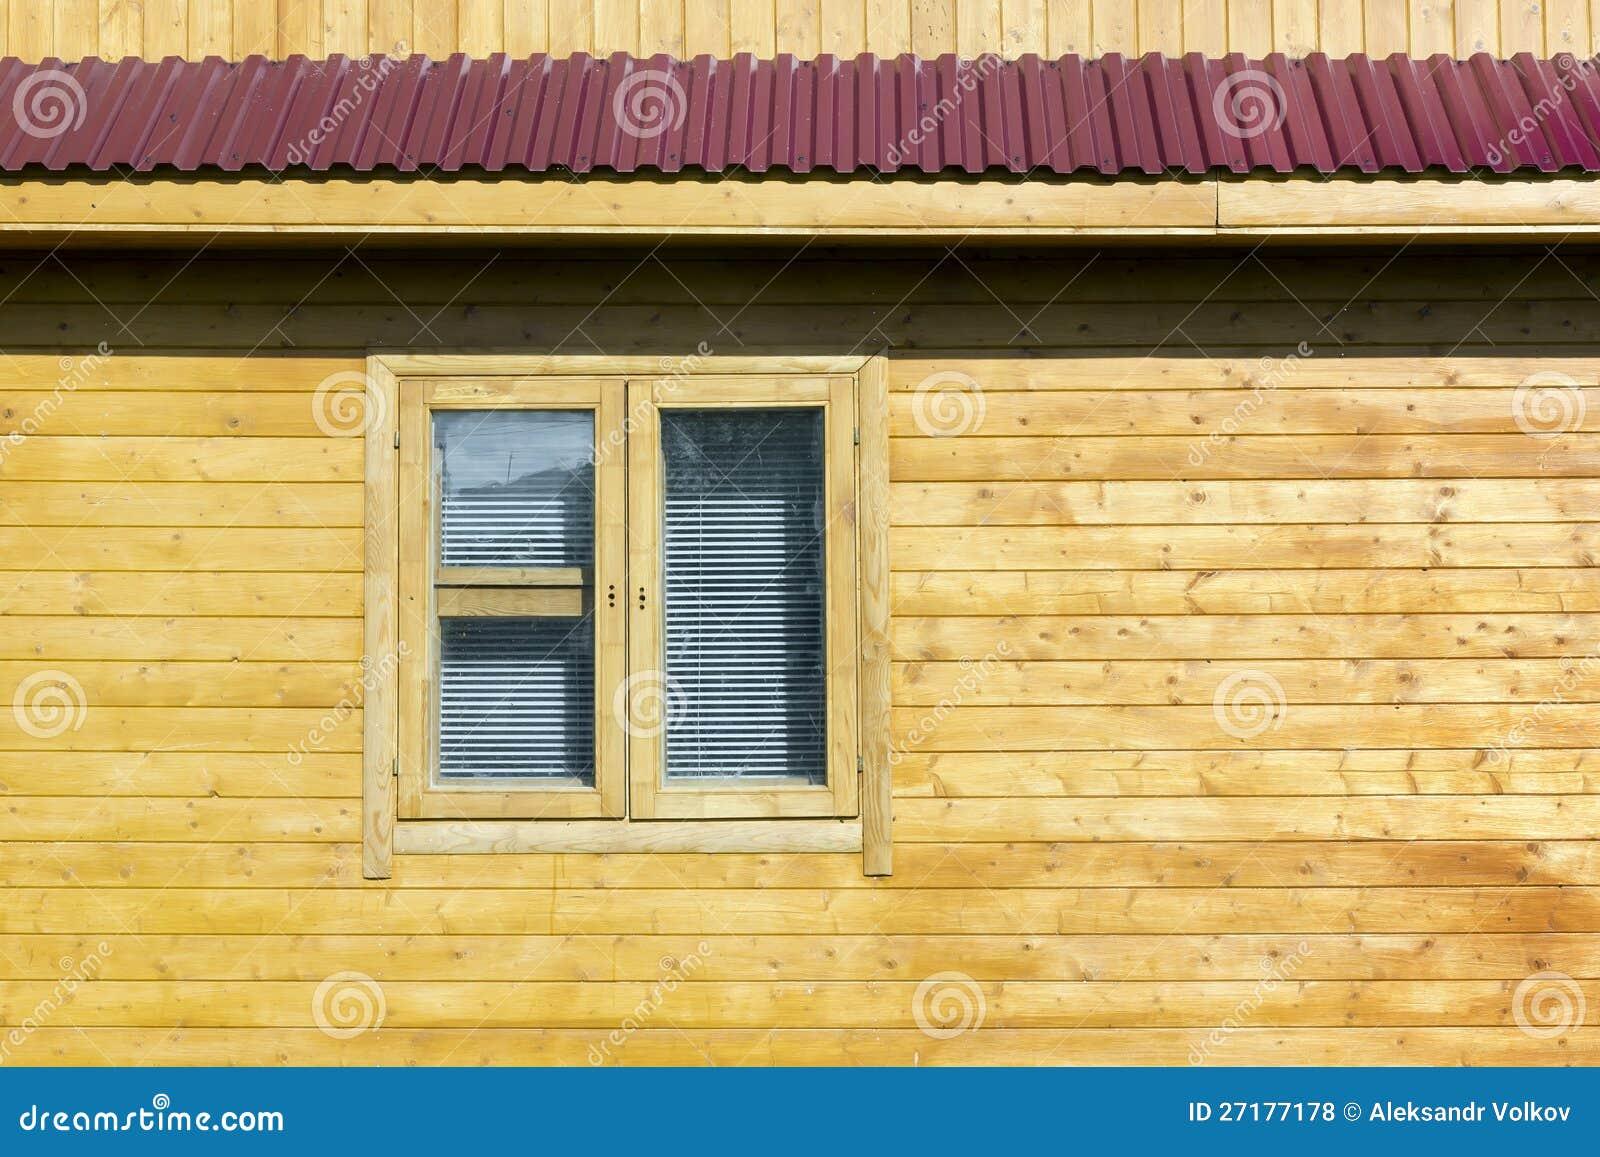 Parete Di Legno Rustica Rurale Della Casa Fotografia Stock - Immagine: 27177178